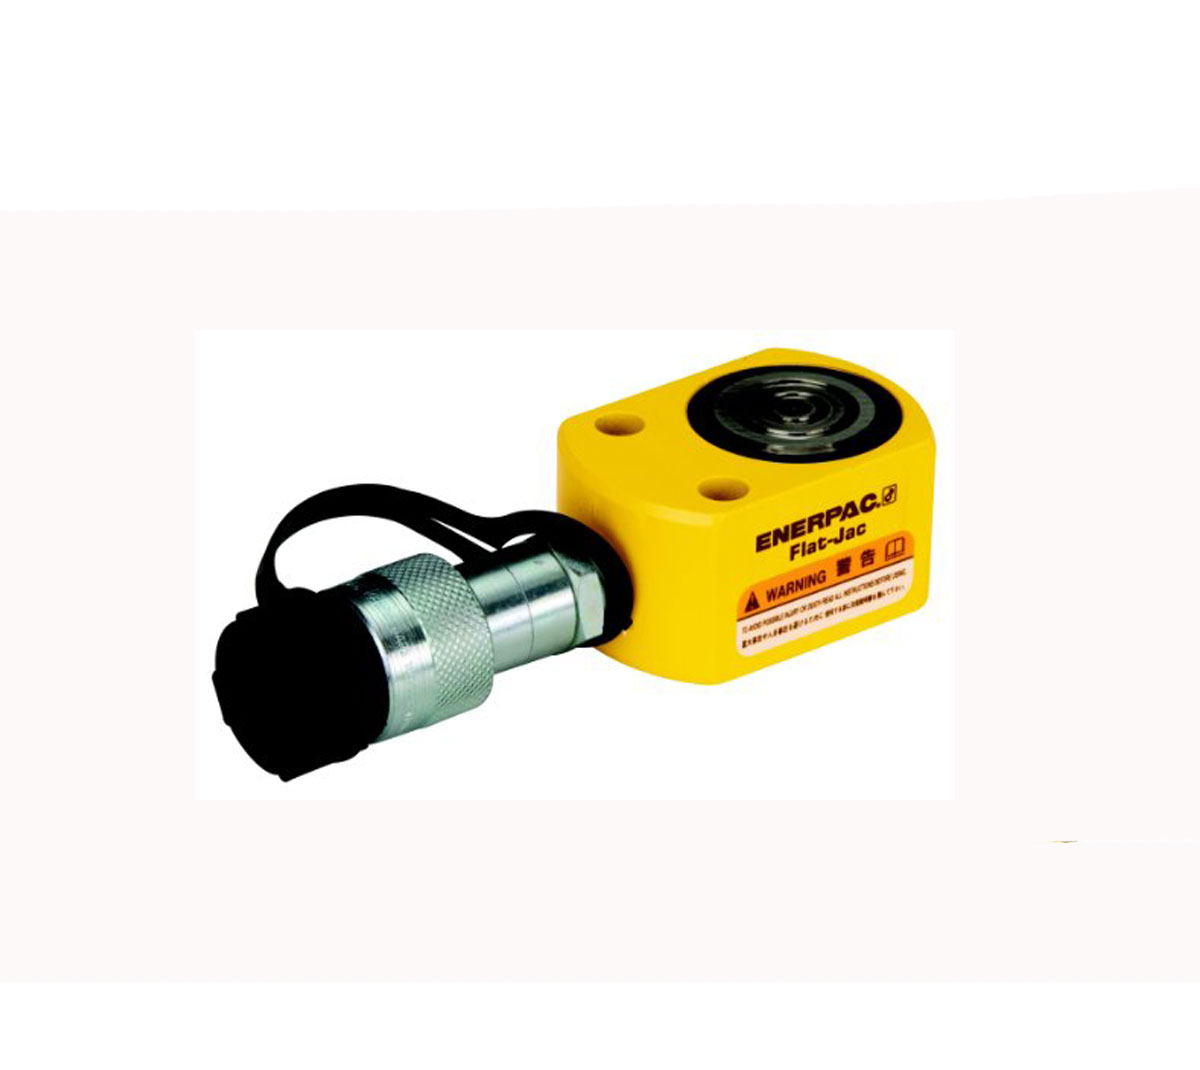 enerpac-rsm100 hydraulic cylinder rental